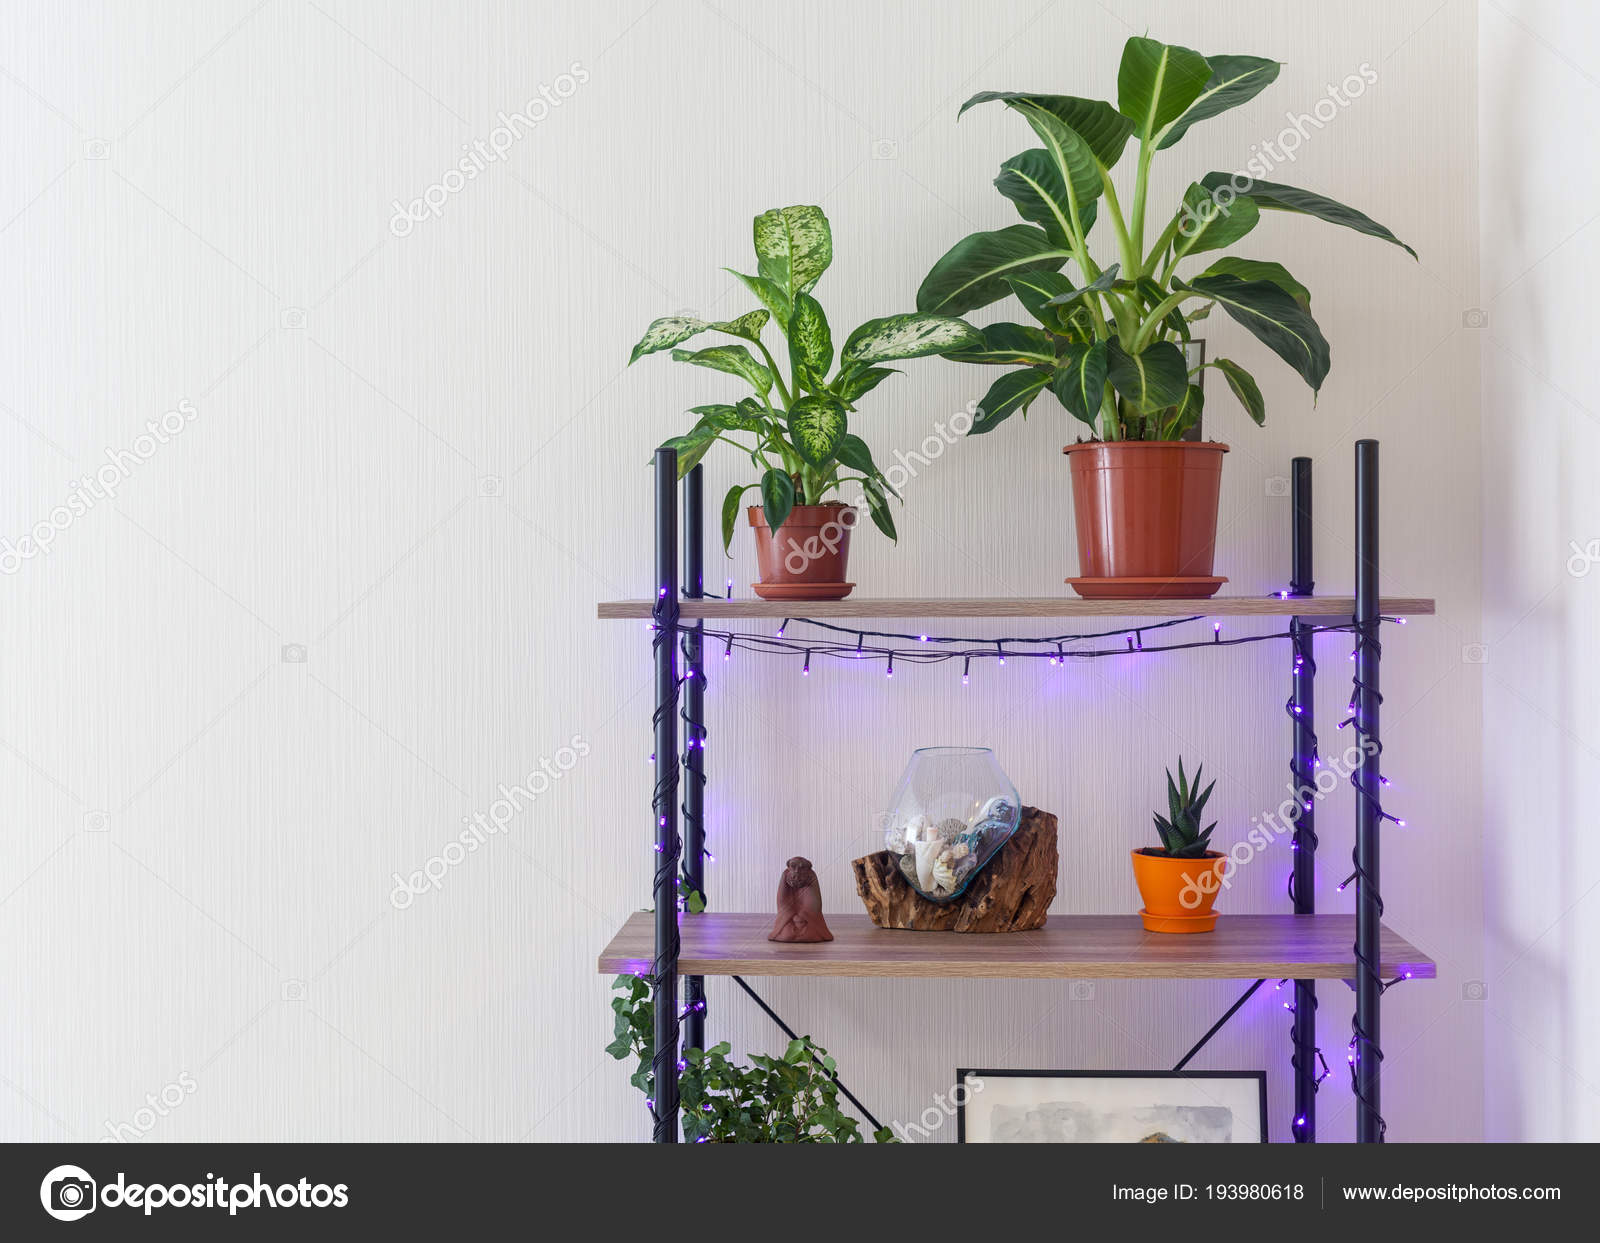 woonkamer interieur boekenplank met bloempotten verlichting glazen vaas achter wit stockfoto